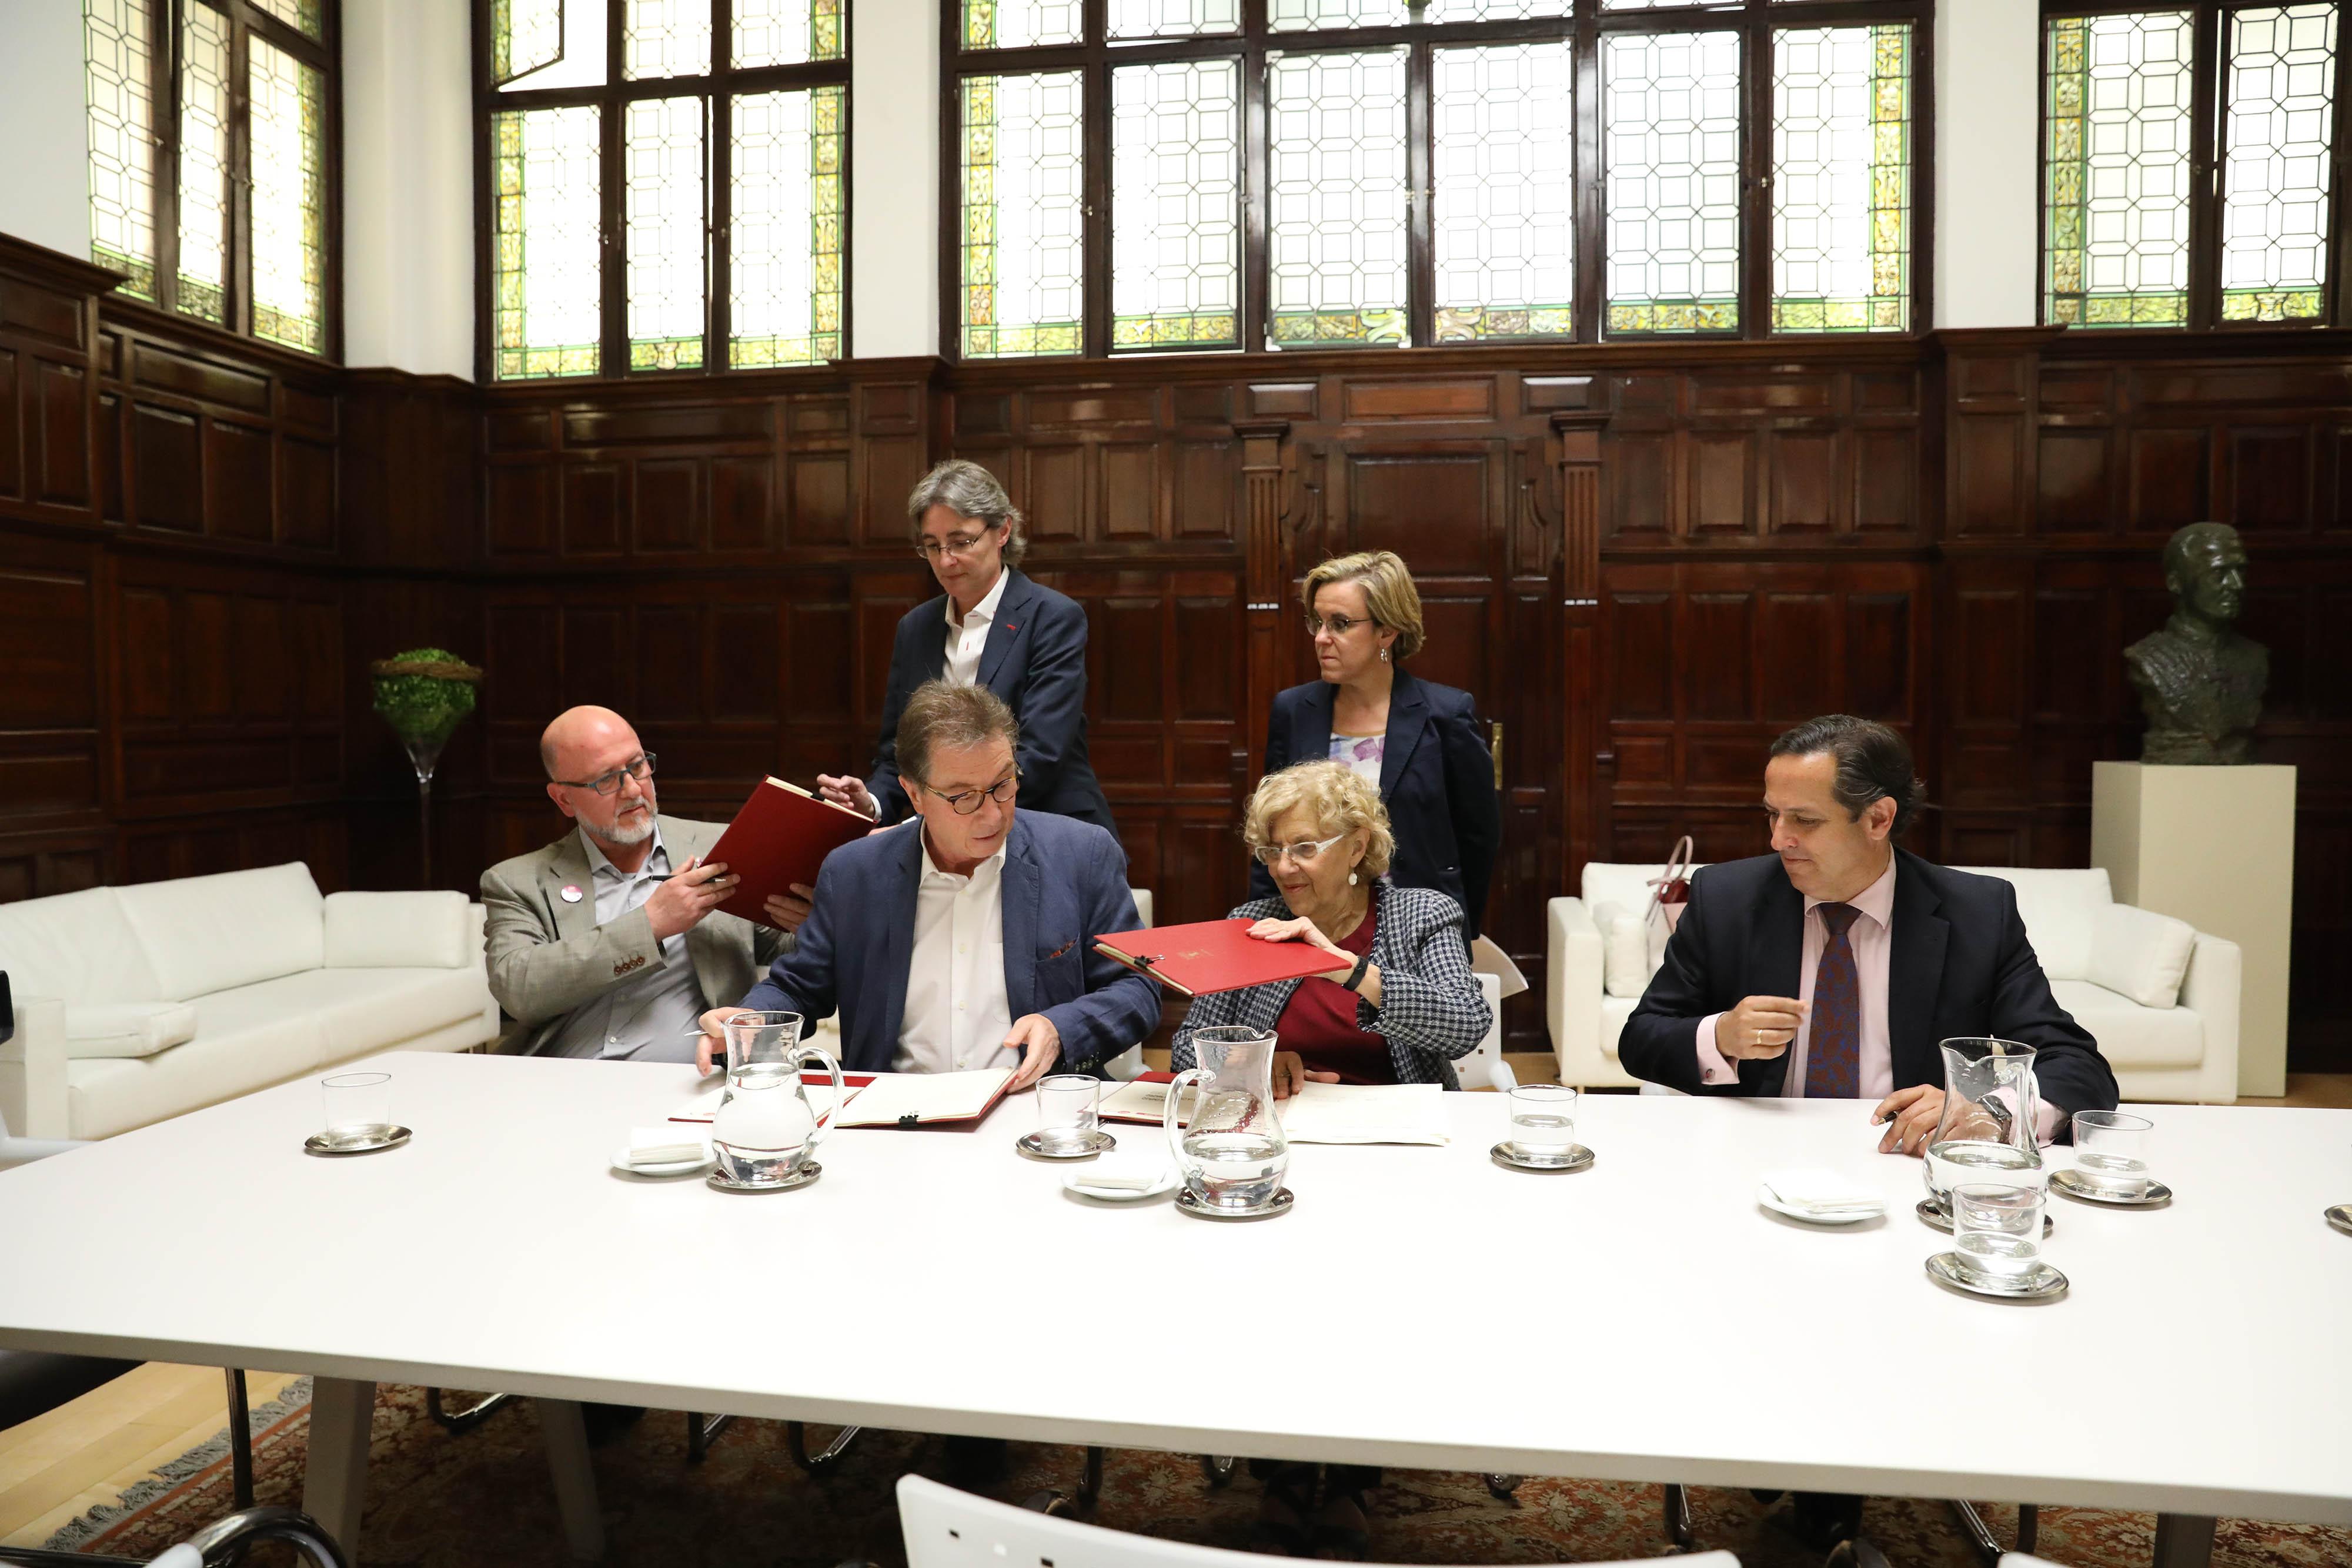 El ayuntamiento invertir casi 800 millones de euros en el for Portal empleo madrid